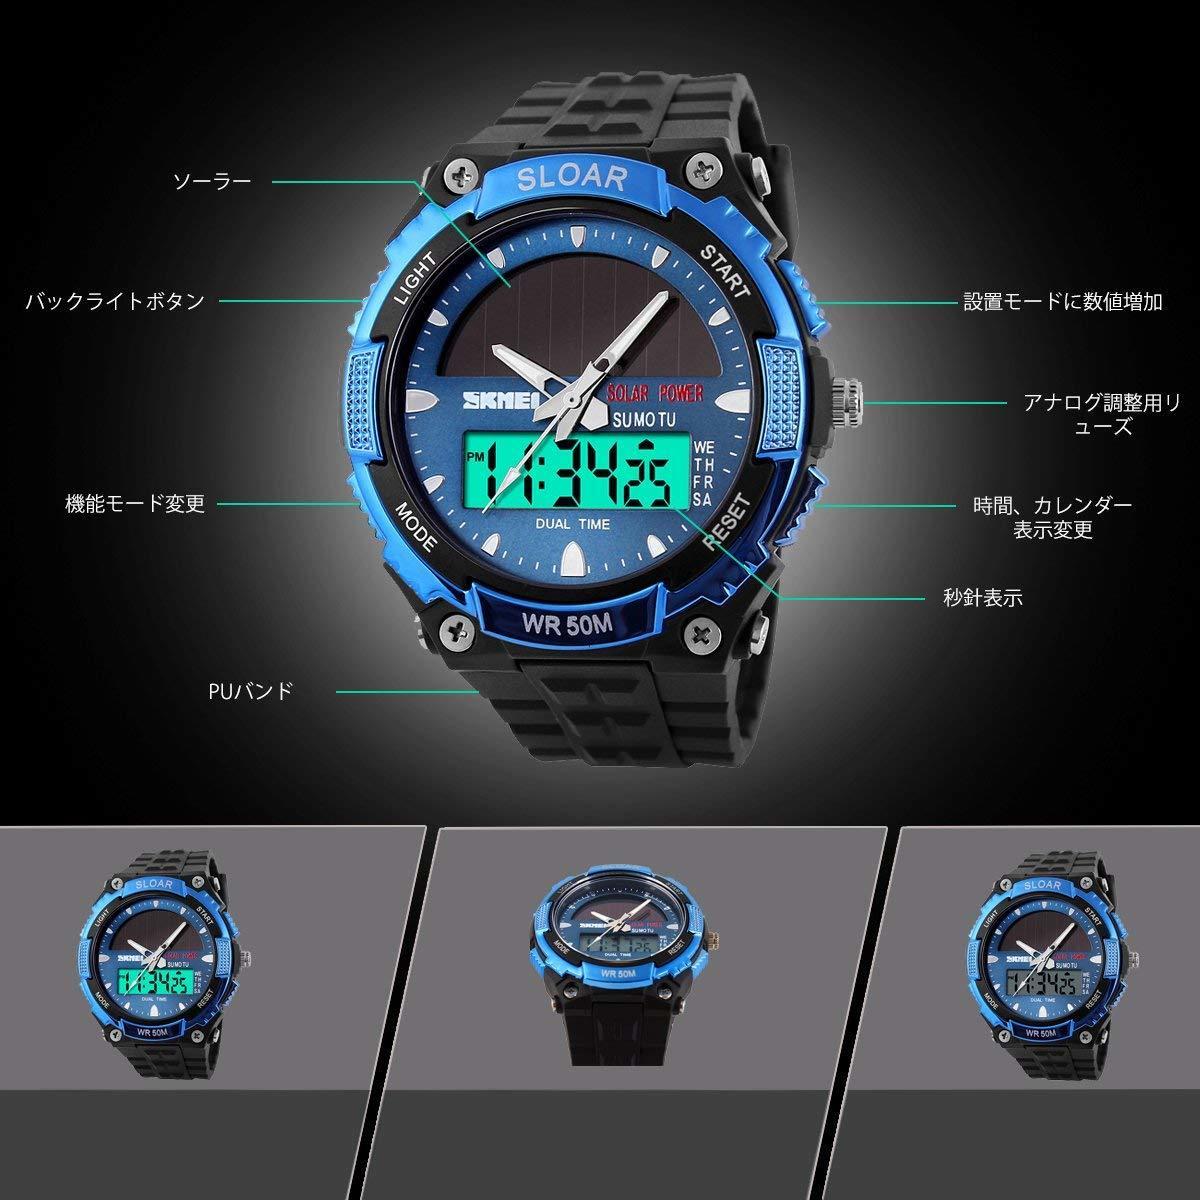 49blue ソーラー腕時計 メンズ デジアナウォッチ スポーツ 人気ブランド おしゃれ ファション クロノグラフ シリコン [_画像7